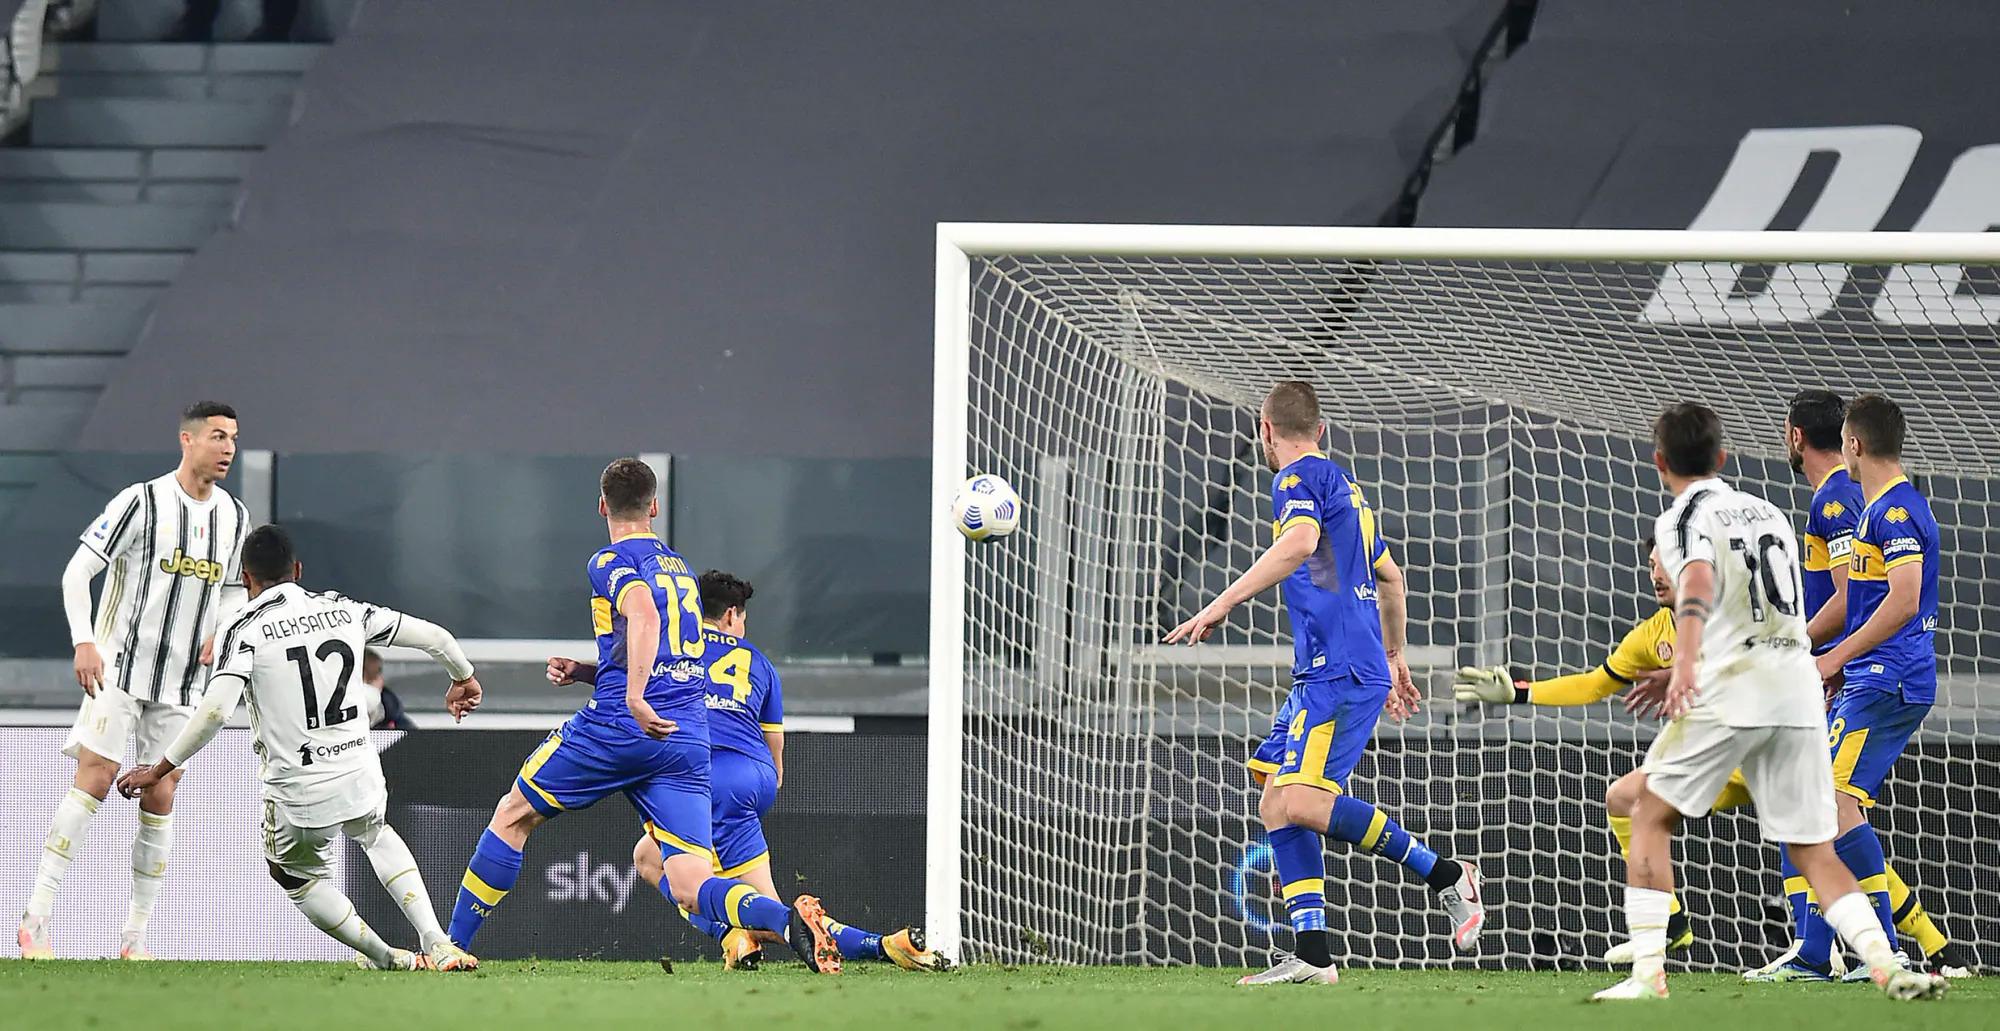 Alex Sandro vô-lê gỡ hoà 1-1 cho Juventus ở phút 43. Ảnh: Ansa